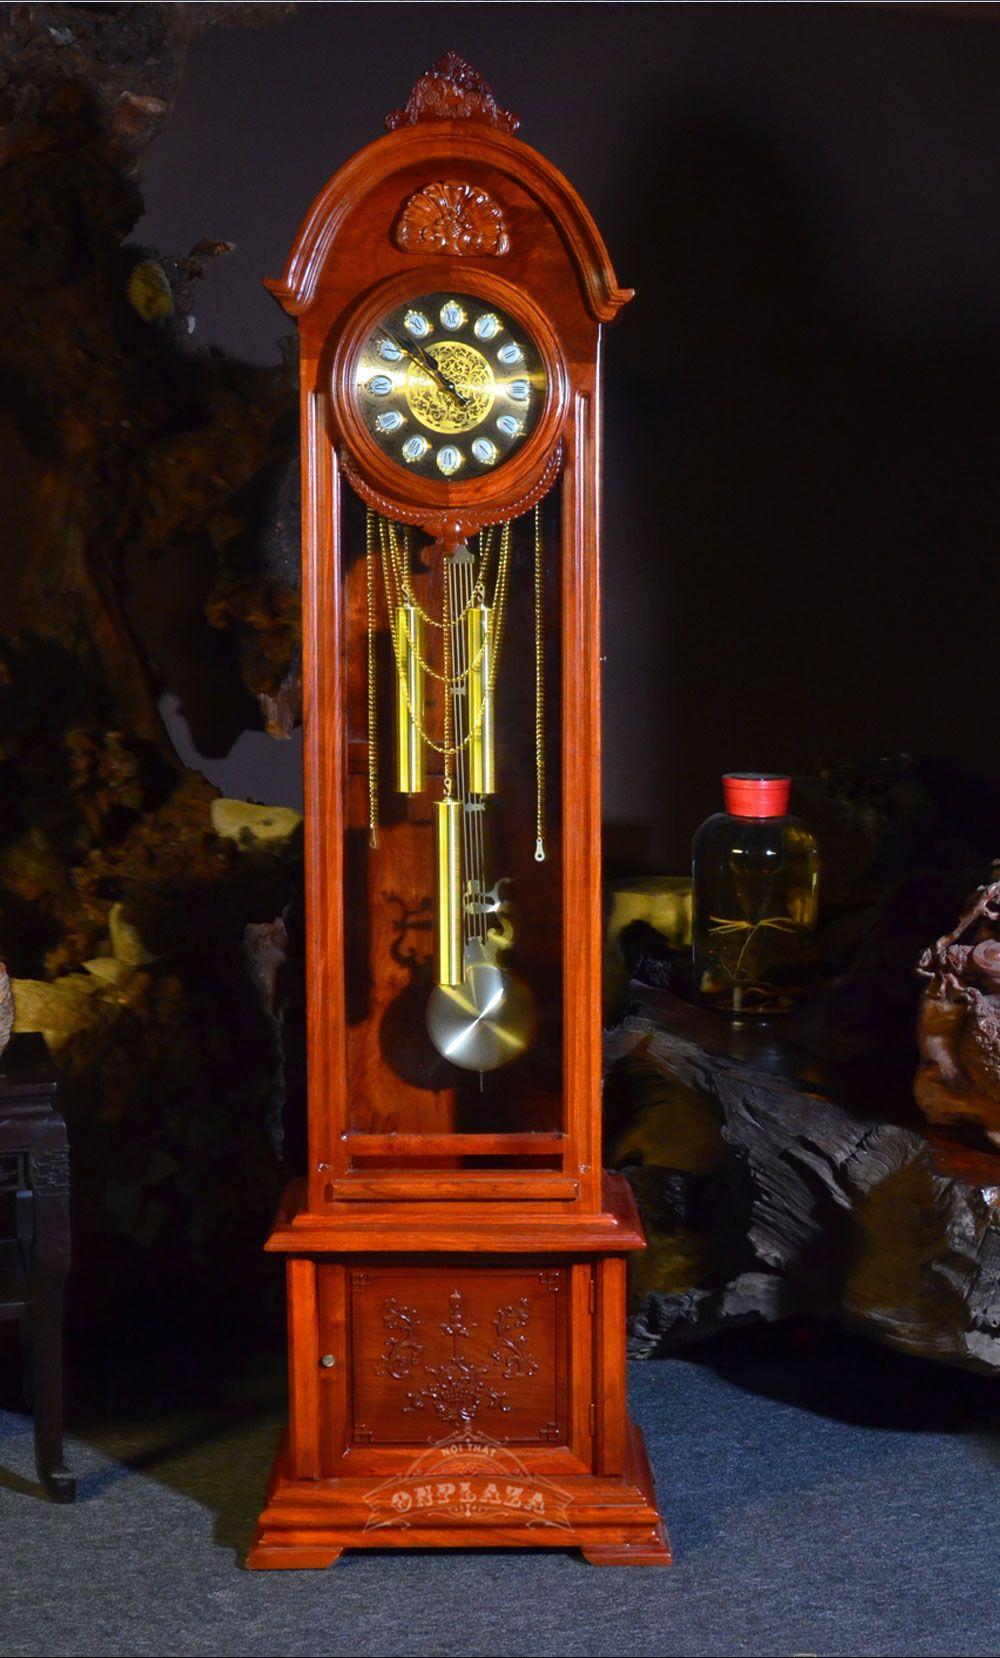 Đồng hồ cây DH18 gỗ hương đỏ điện tử nhập khẩu Hàn Quốc